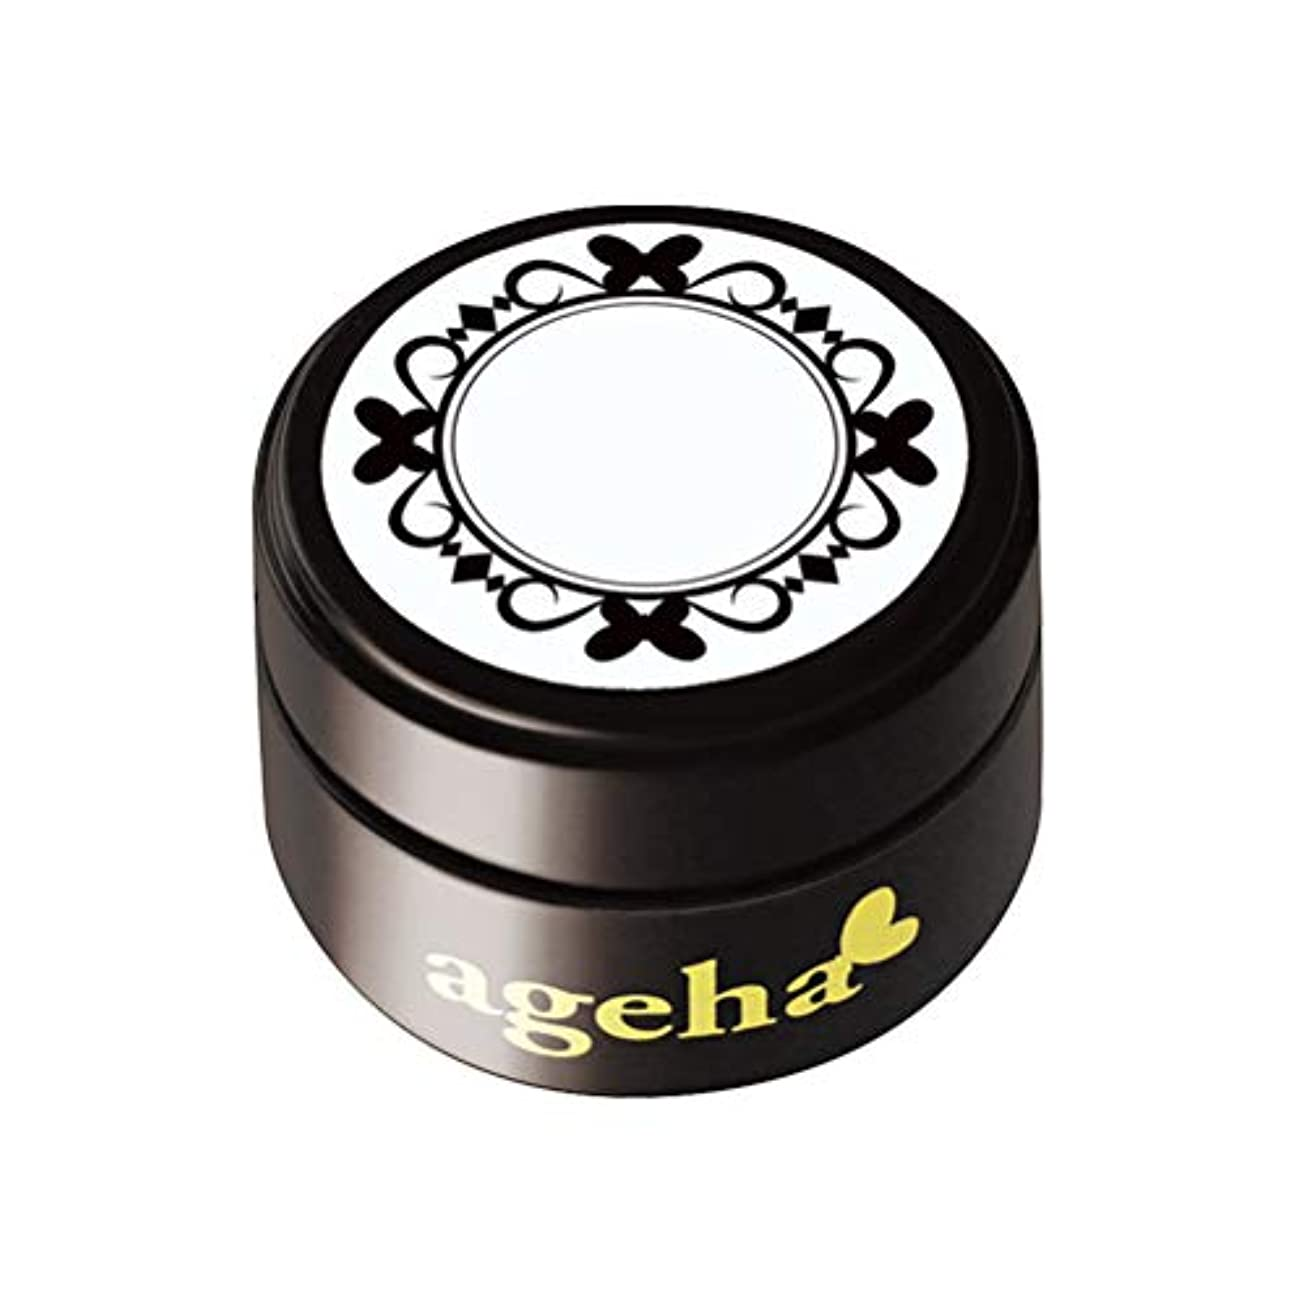 エピソードアフリカ気がついてageha コスメカラー 233 レトロマスタード 2.7g UV/LED対応